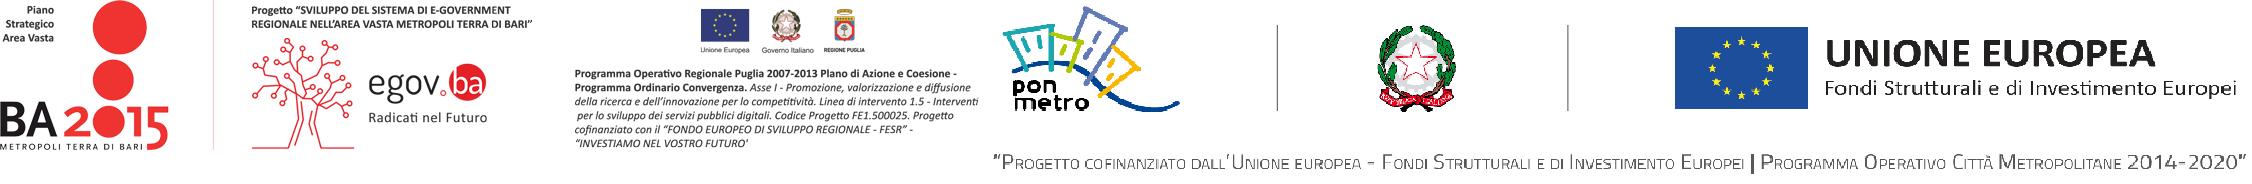 Programma Operativo Regionale Puglia 2007-2013 Plano di Azione e Coesione - Programma Ordinario Convergenza. Asse I - Promozione, valorizzazione e diffusione della ricerca e dell'innovazione per lo competitività. Linea di intervento 1.5 -Interventi per lo sviluppo dei servizi pubblici digitali. Codice Progetto FE1.500025. Progetto cofinanziato con il 'FONDO EUROPEO DI SVILUPPO REGIONALE - FESR' - 'INVESTIAMO NEL VOSTRO FUTURO'